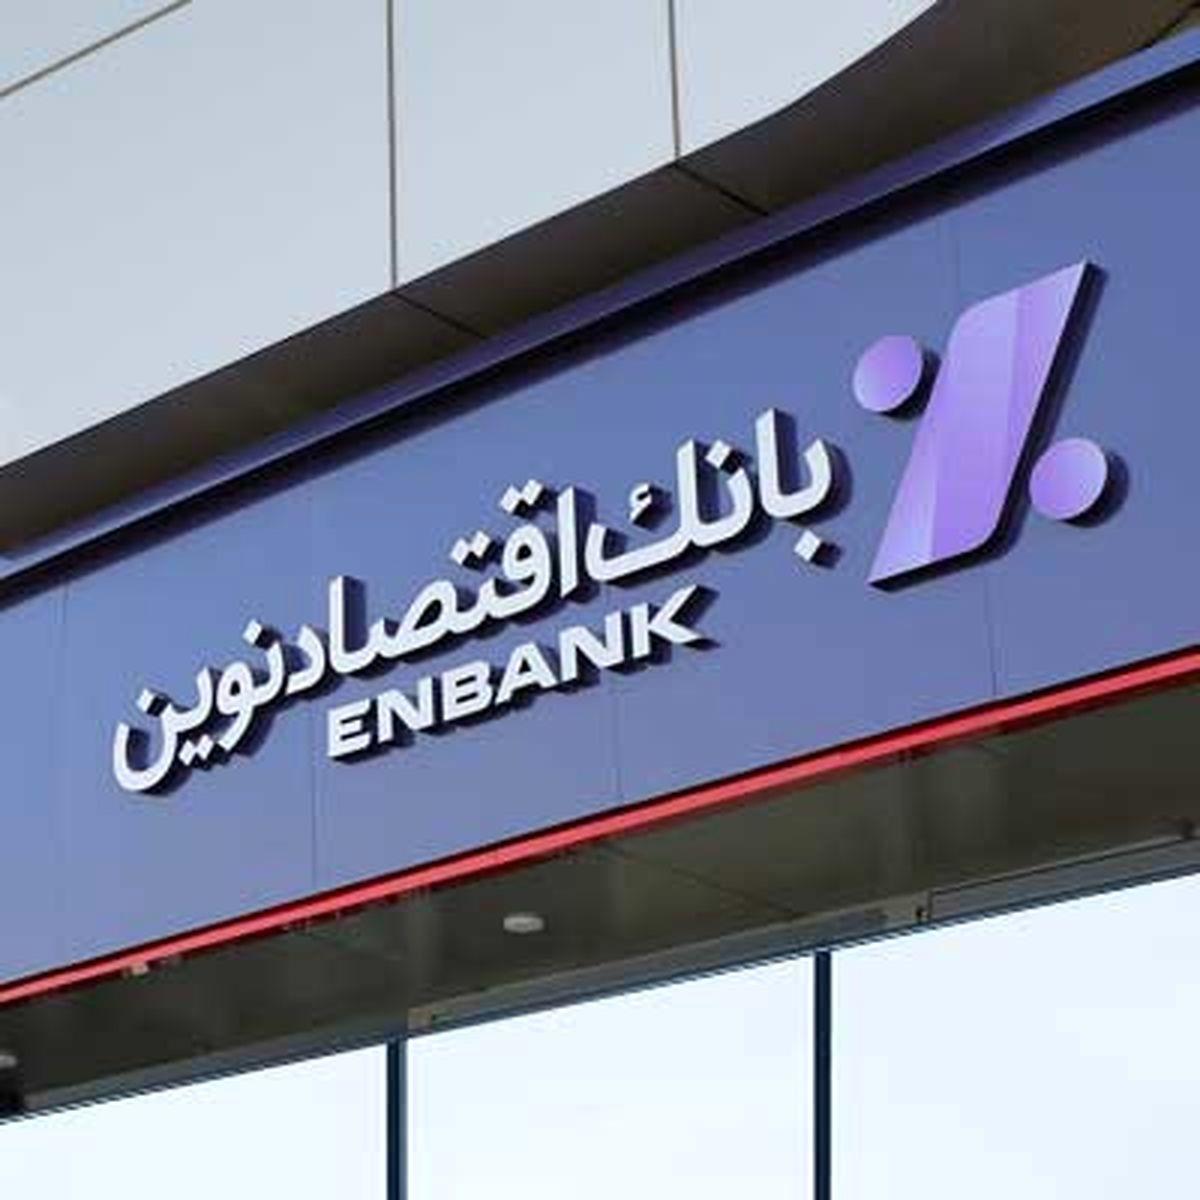 سودسازی مستمر بانک اقتصاد نوین/ تراز 4ماهه این بانک به هزار میلیارد تومان نزدیک شد